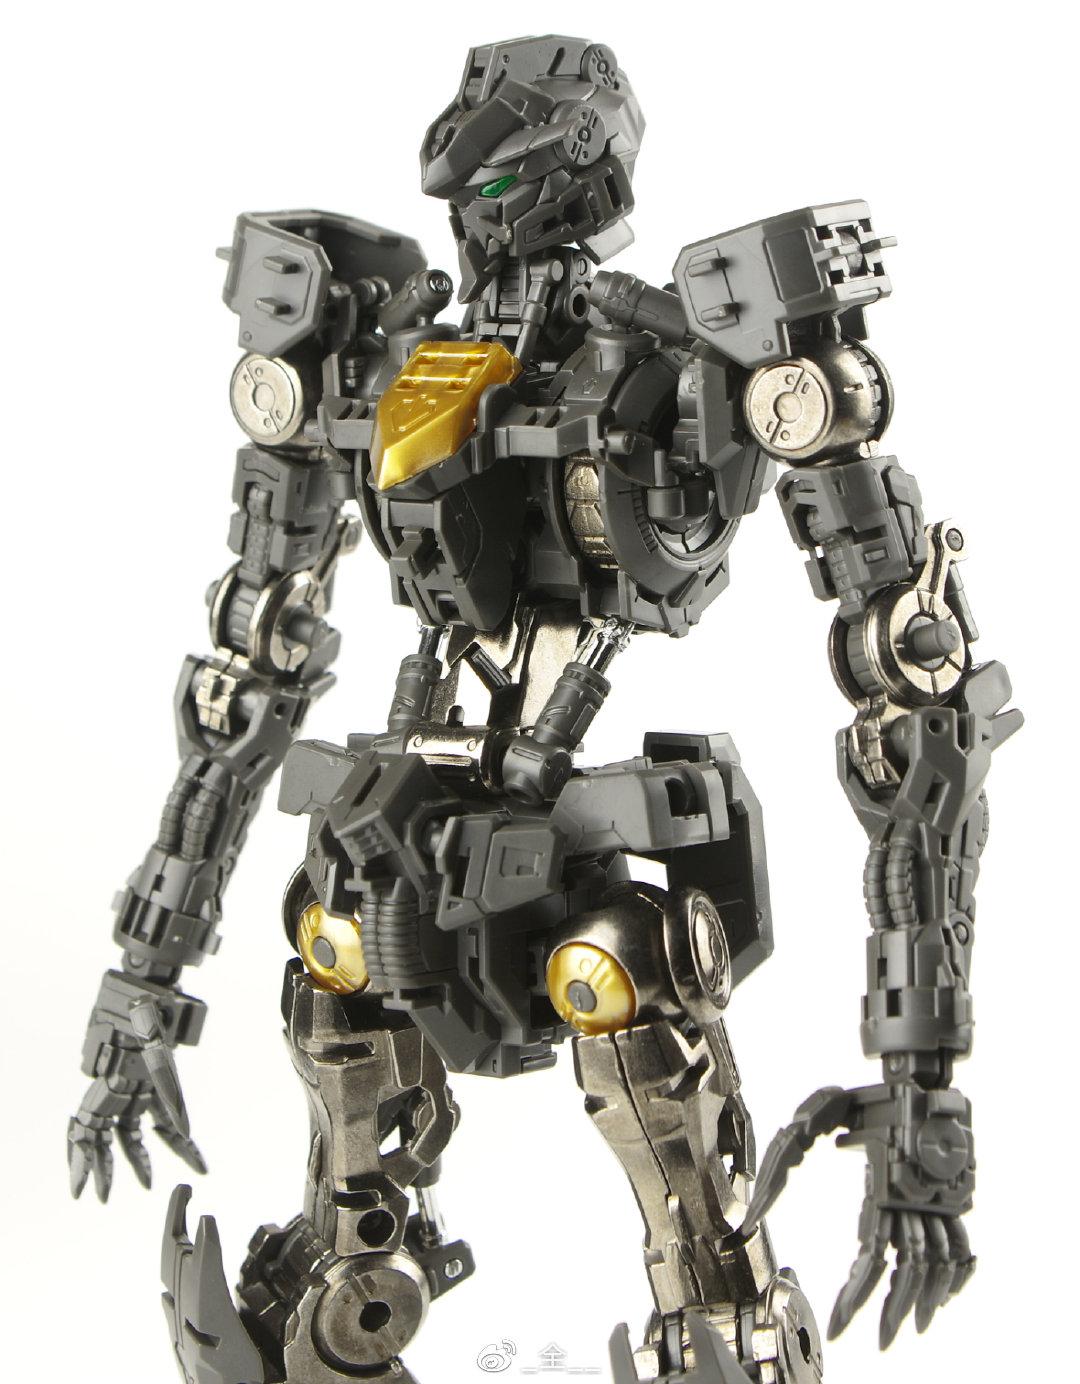 M103_mg_barbatos_metal_frame_parts_set_009_027.jpg